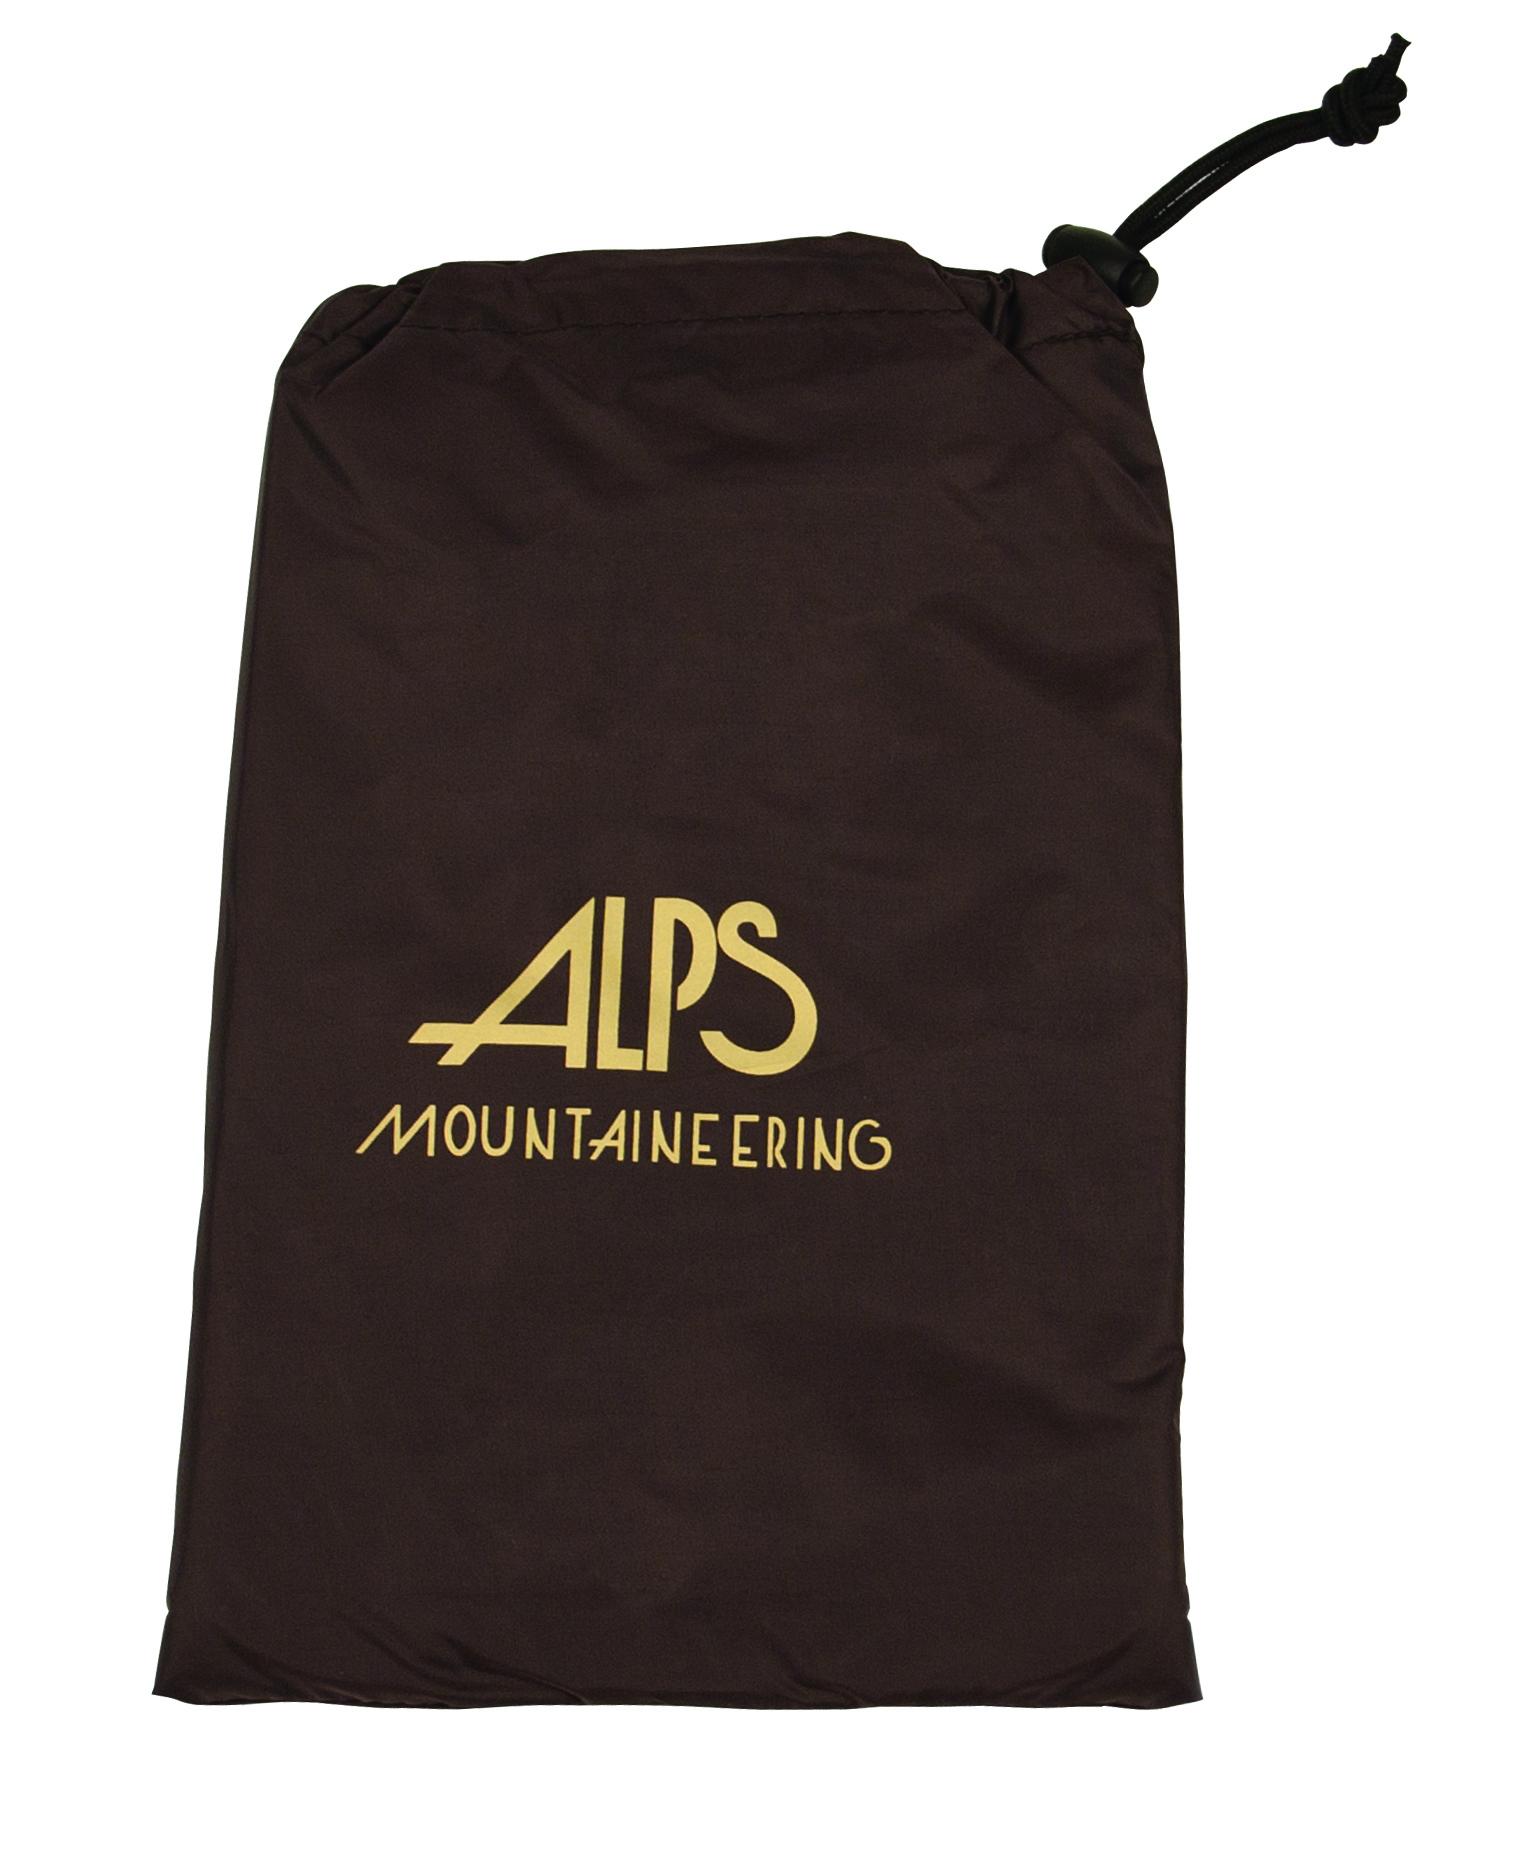 photo: ALPS Mountaineering Mystique 1 Floor Saver footprint